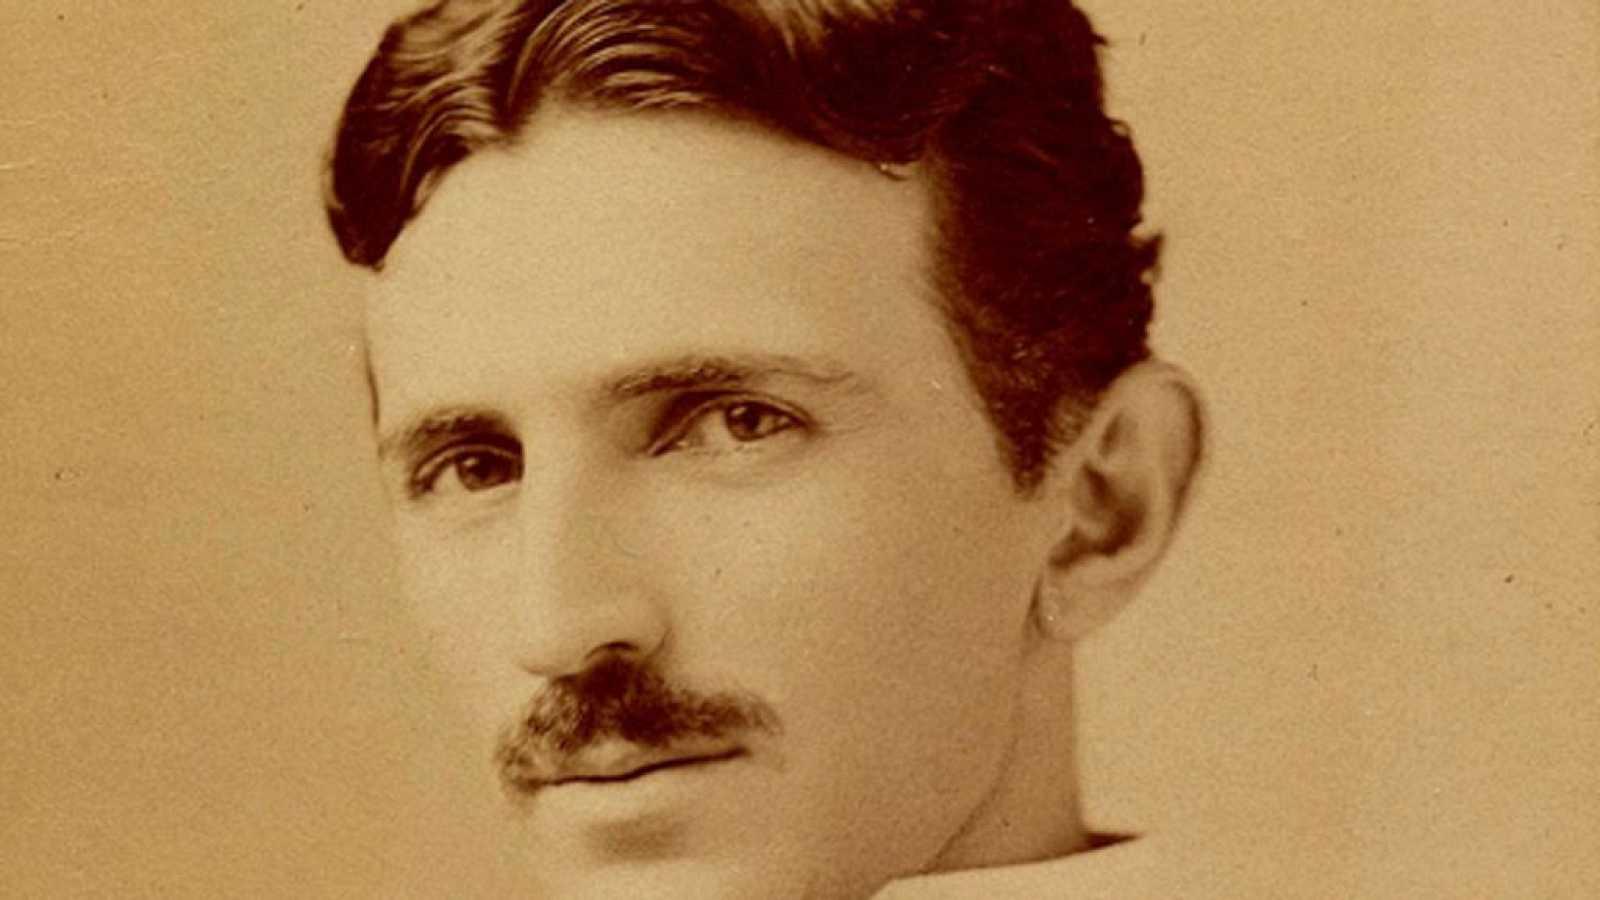 Documentos RNE - Tesla, el genio que iluminó el siglo XX - 31/08/18 - escuchar ahora